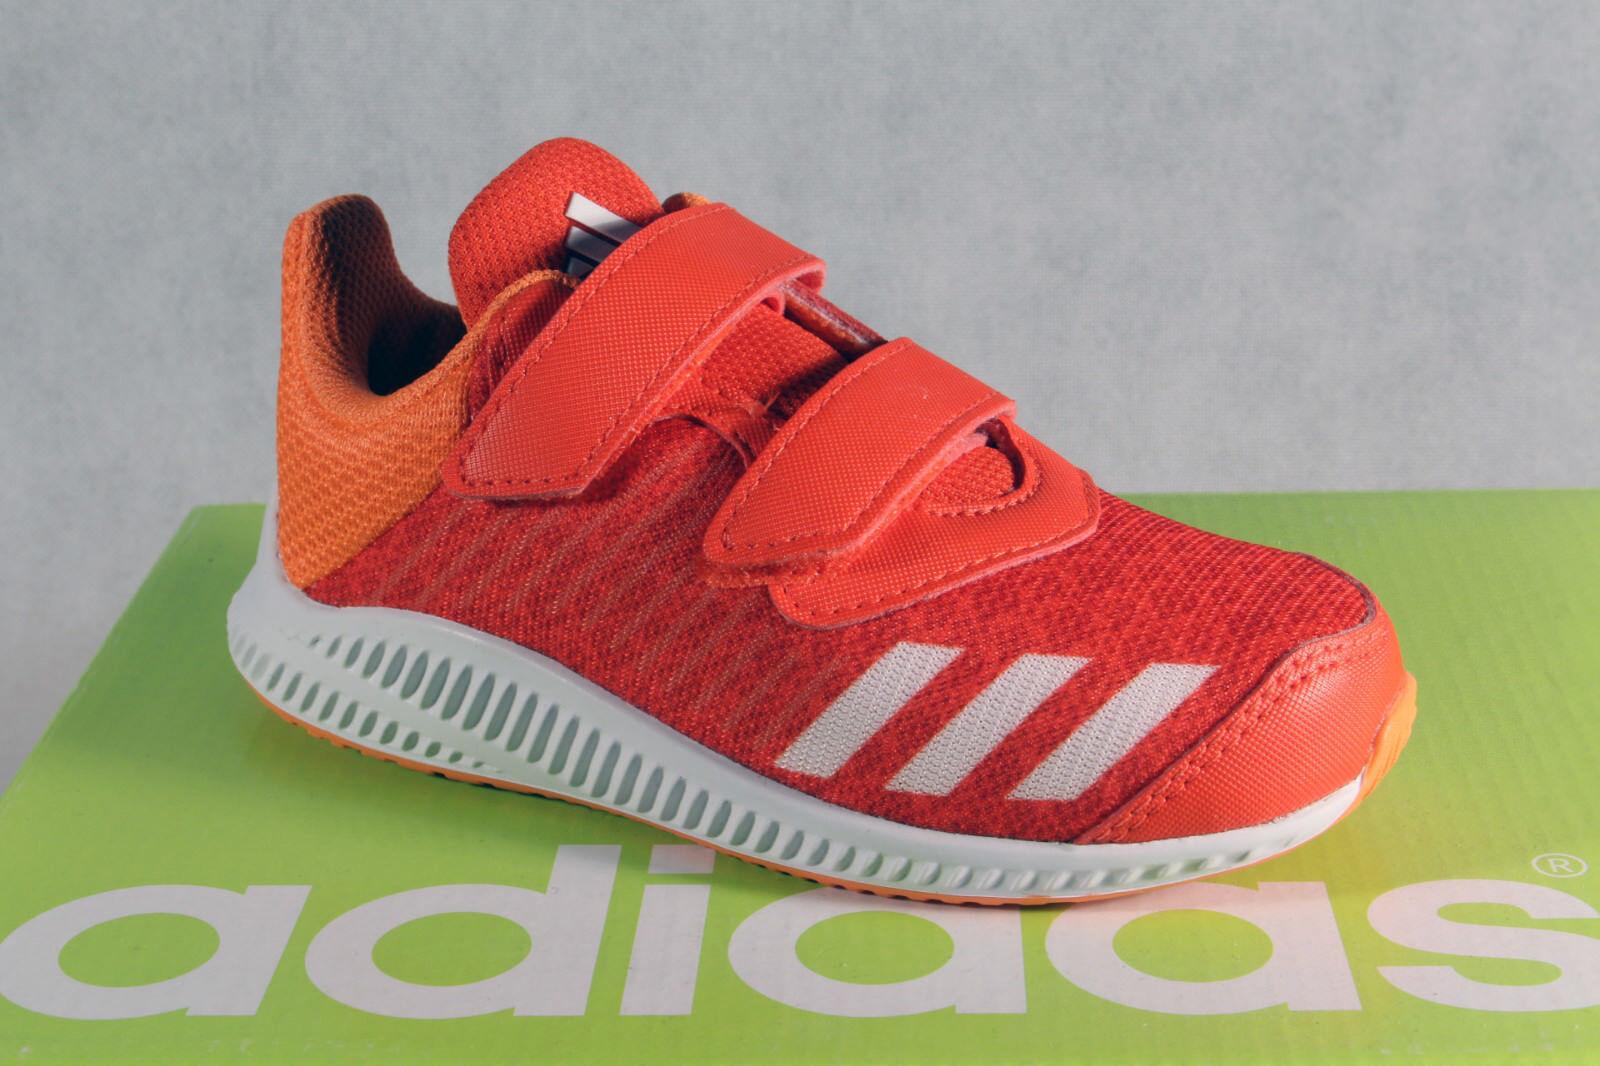 offizielle Fotos 7ad8e 7e50d Adidas Kinder Sportschuhe Laufschuhe LL-Schuhe orange/ apricot NEU!